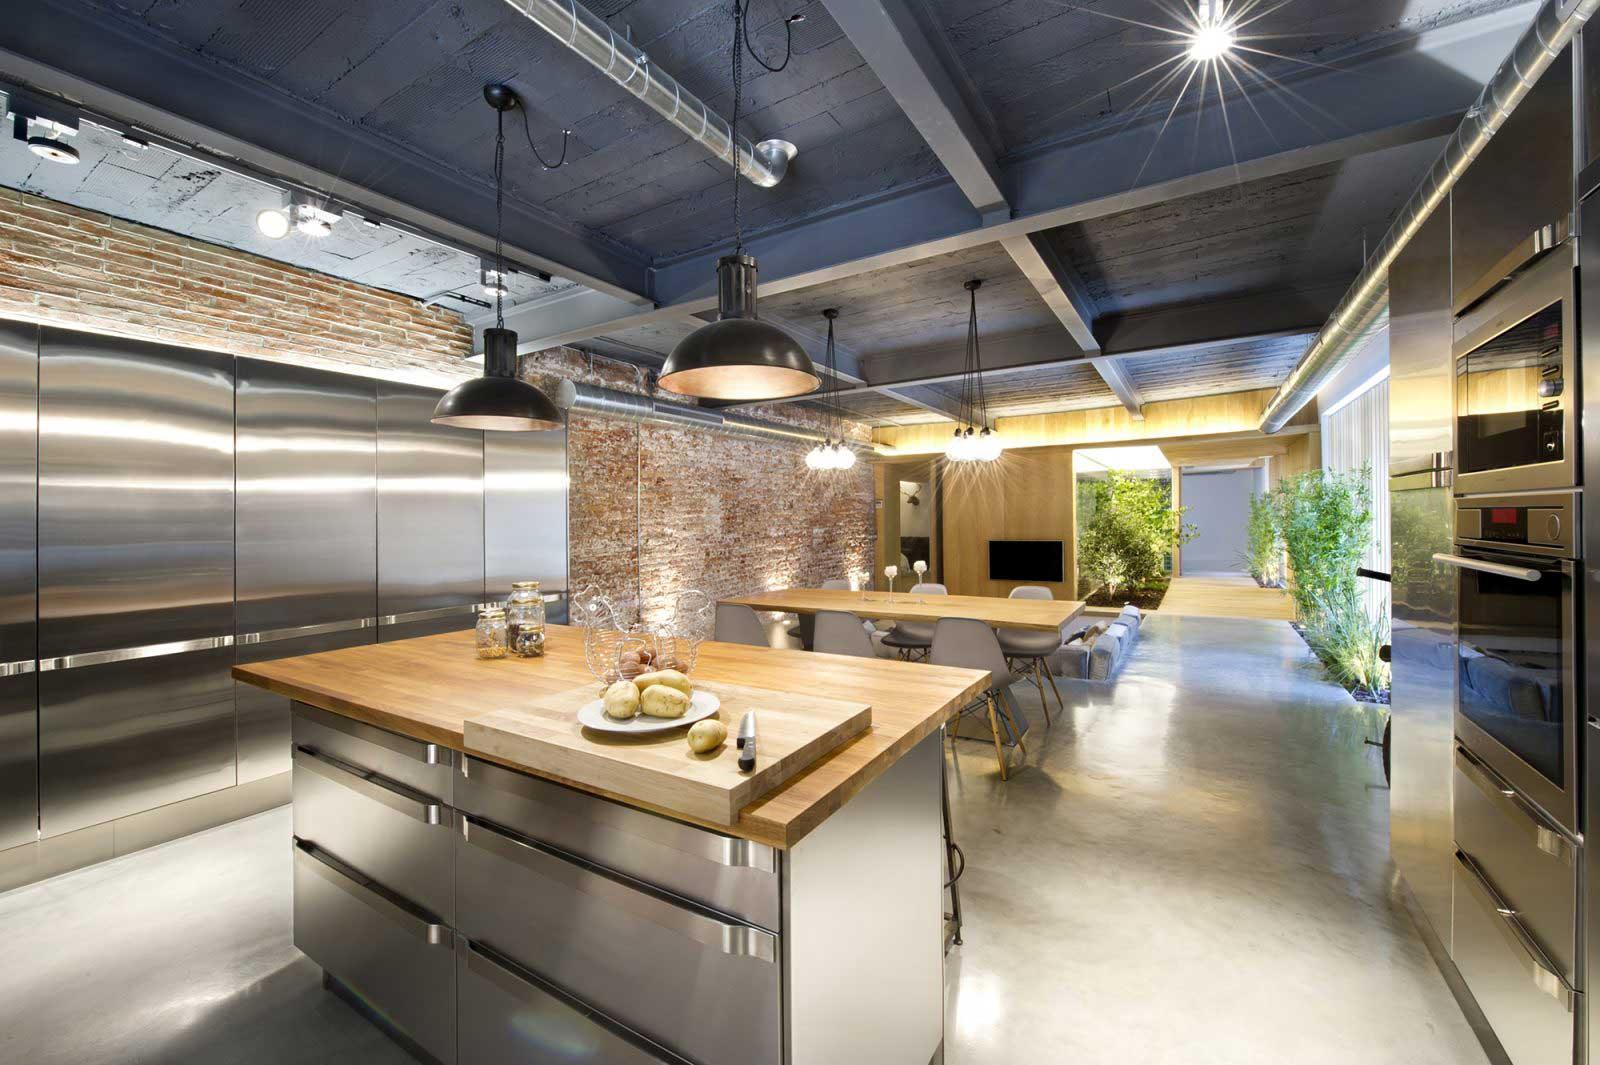 Cuisine industrielle en inox